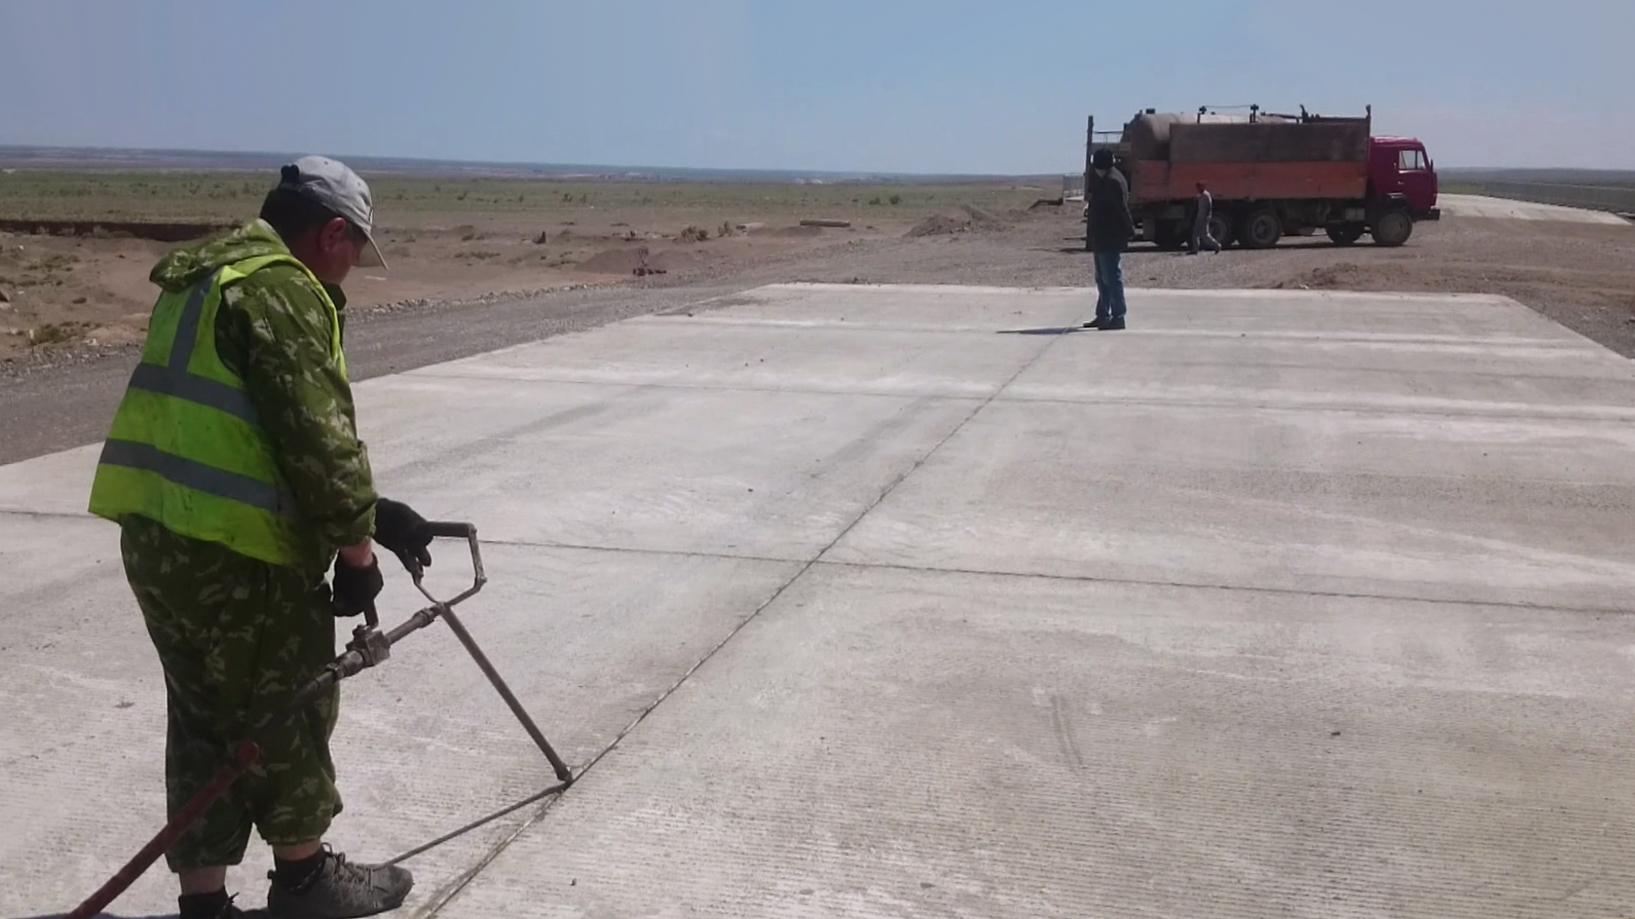 Мастика для стыков аэродромных плит инжпайл-гидроизоляция